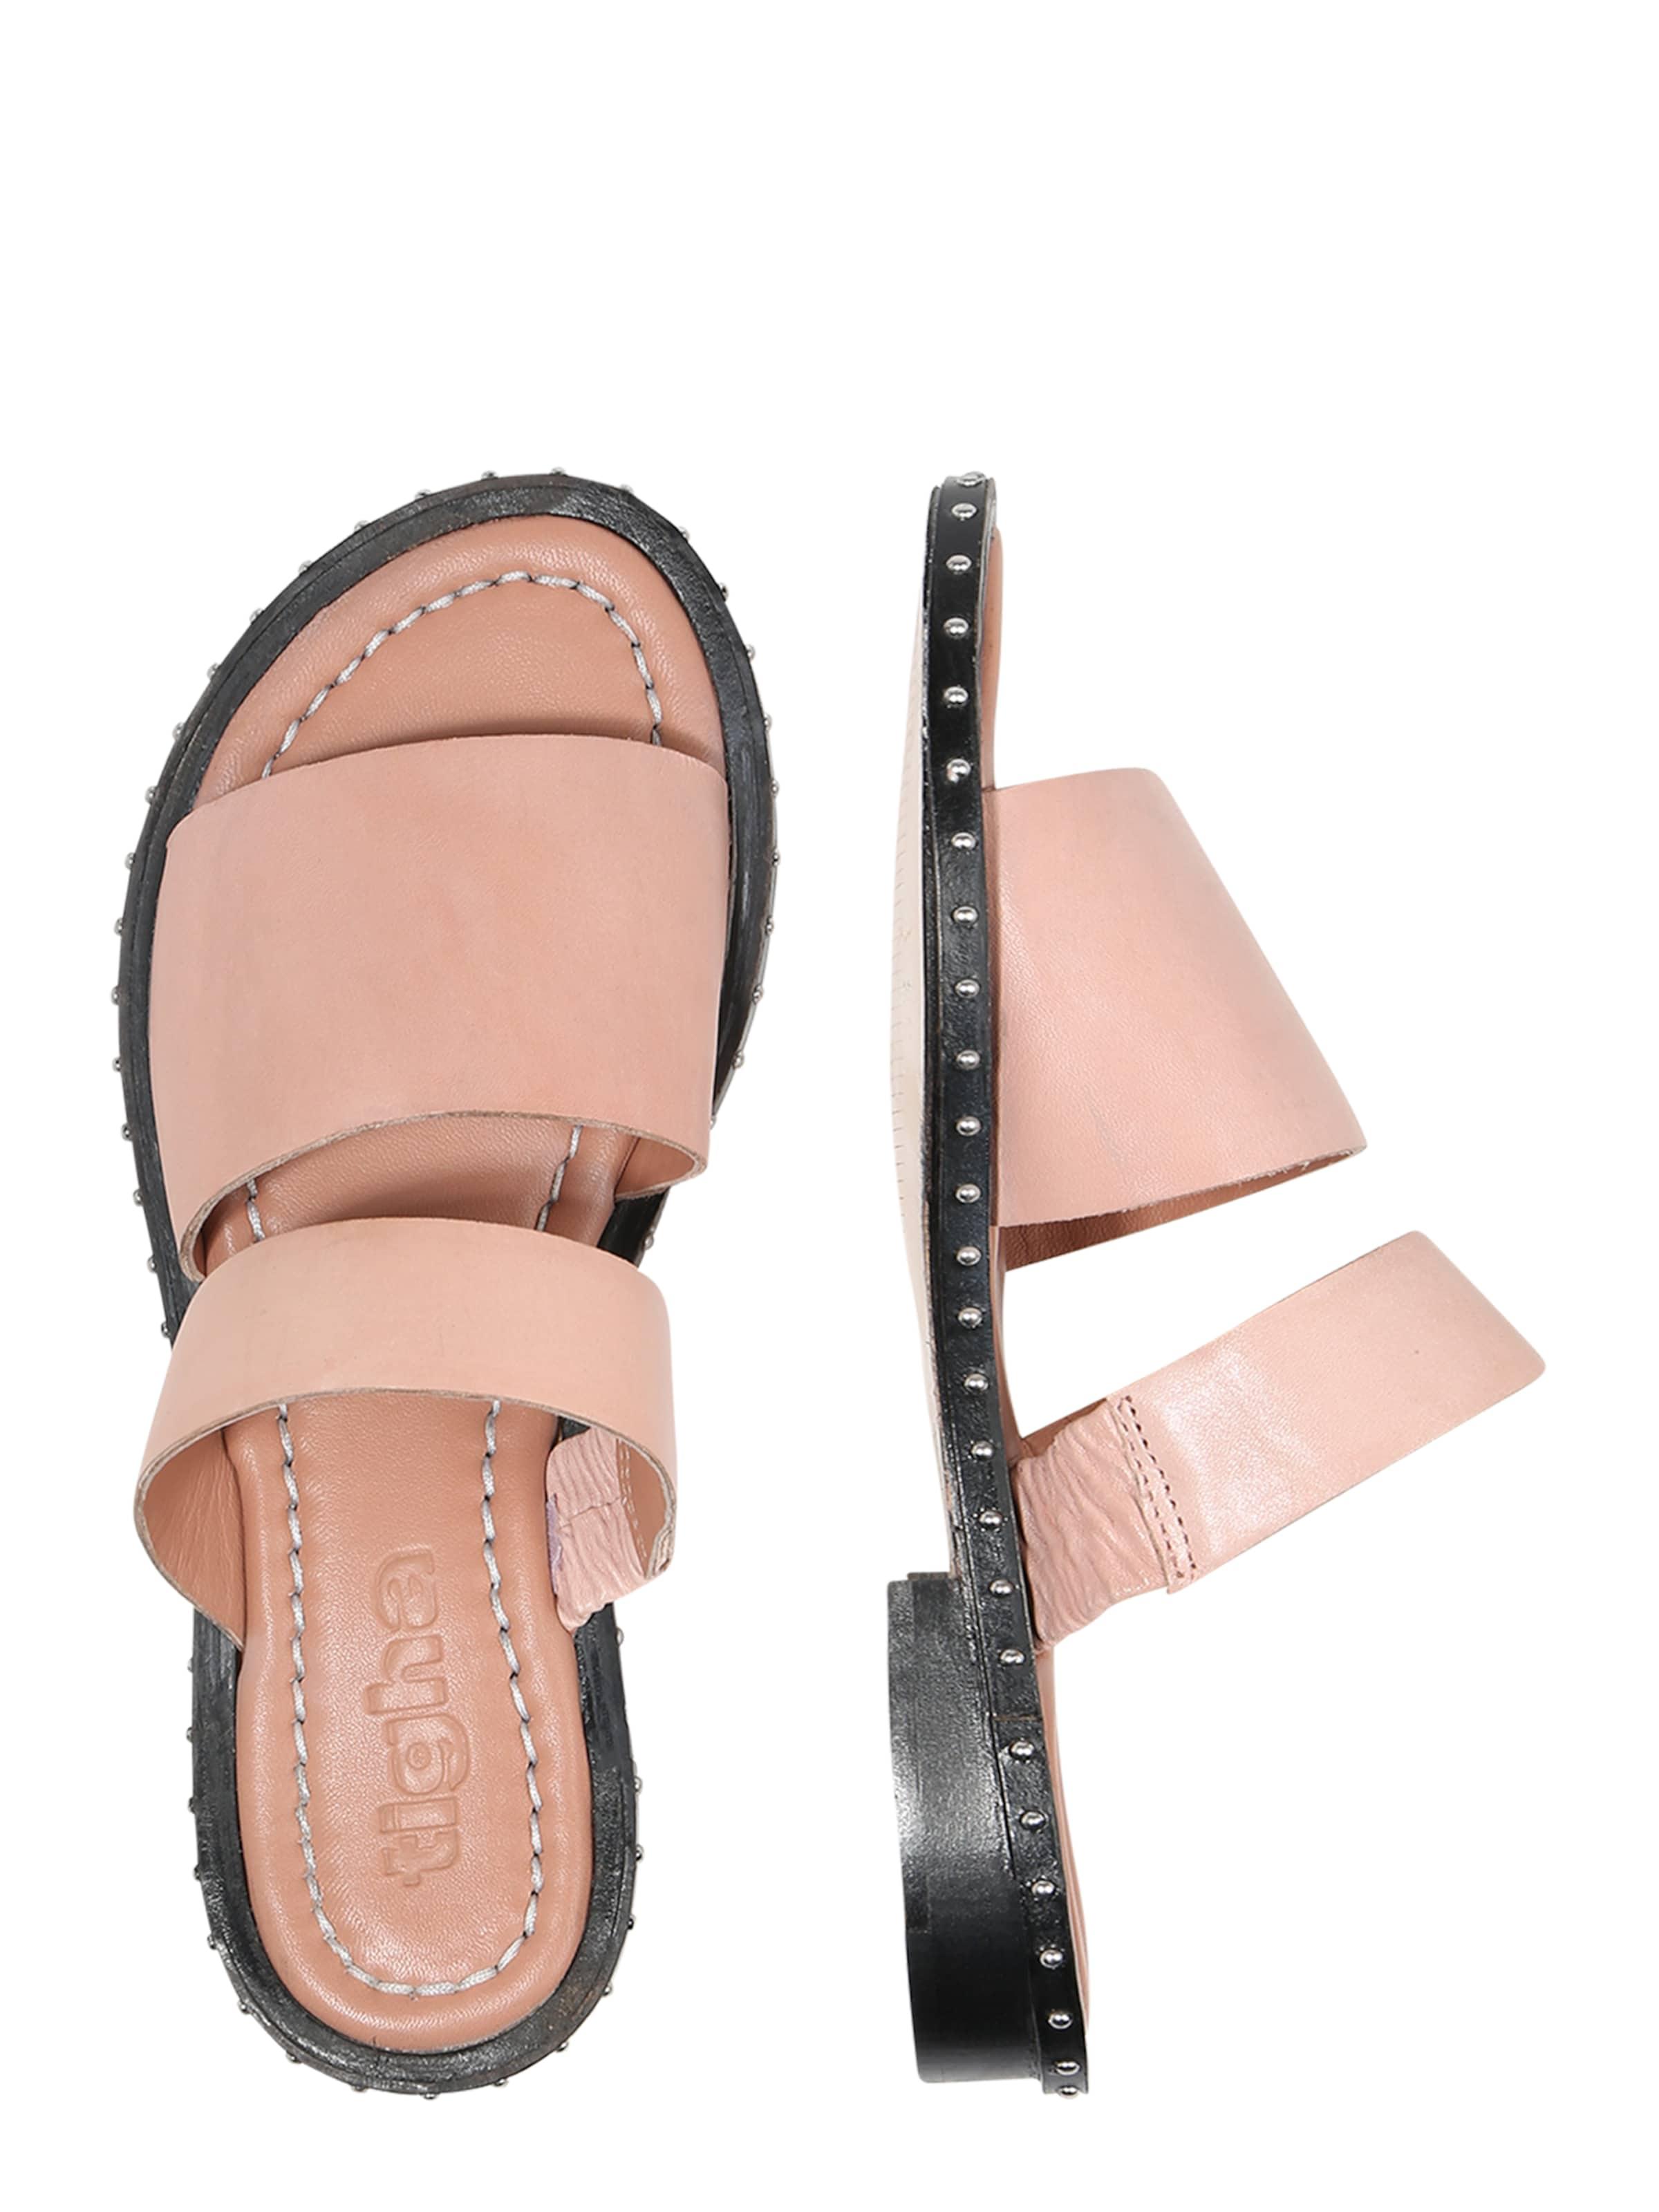 Tigha 'alara' Tigha Sandale In PinkRosé PinkRosé Sandale 'alara' In 8wk0XnOP